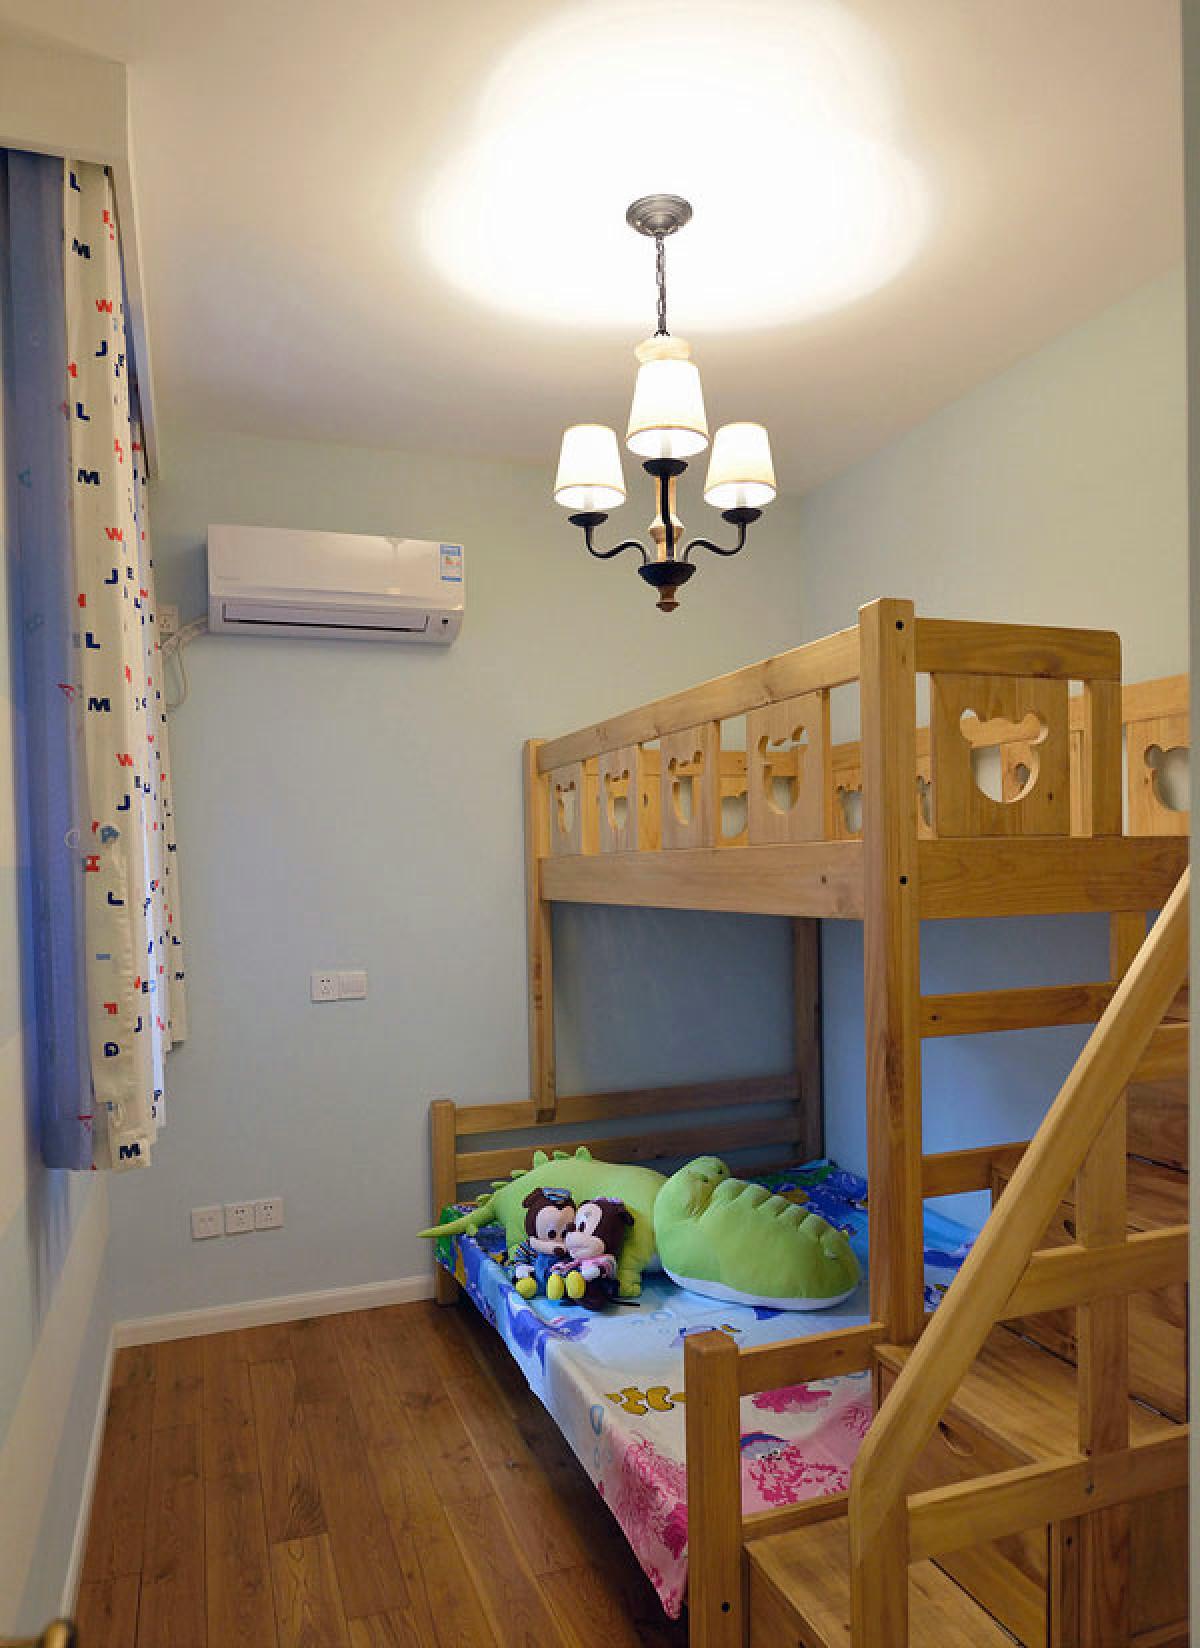 儿童房 设计里儿童房,再也不用为以后有了小孩怎么装修房间而烦恼了。